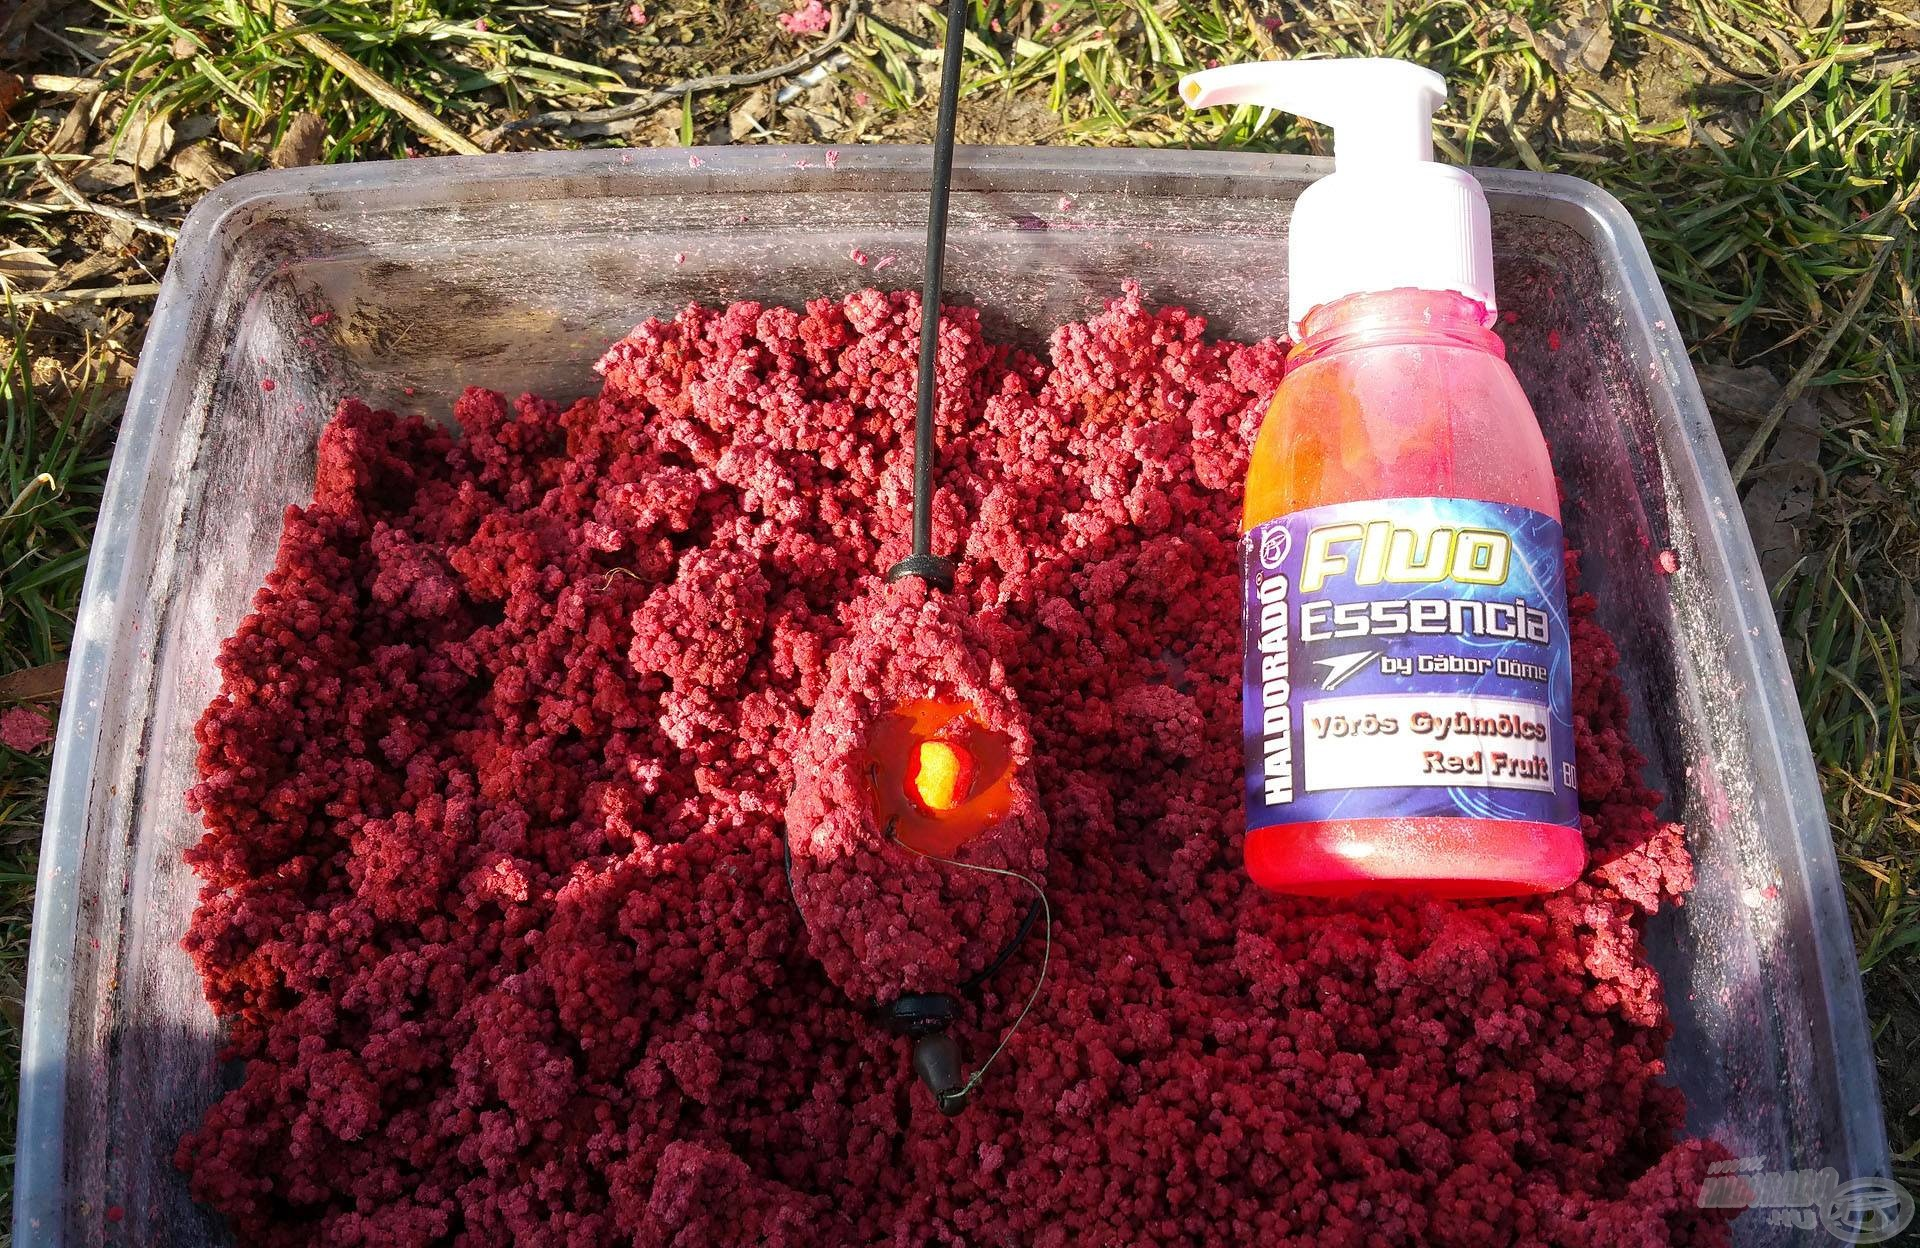 Elsőként a Vörös Gyümölcs pellettel próbálkoztam, amihez egy pici sárga Vörös Démon csalit tettem